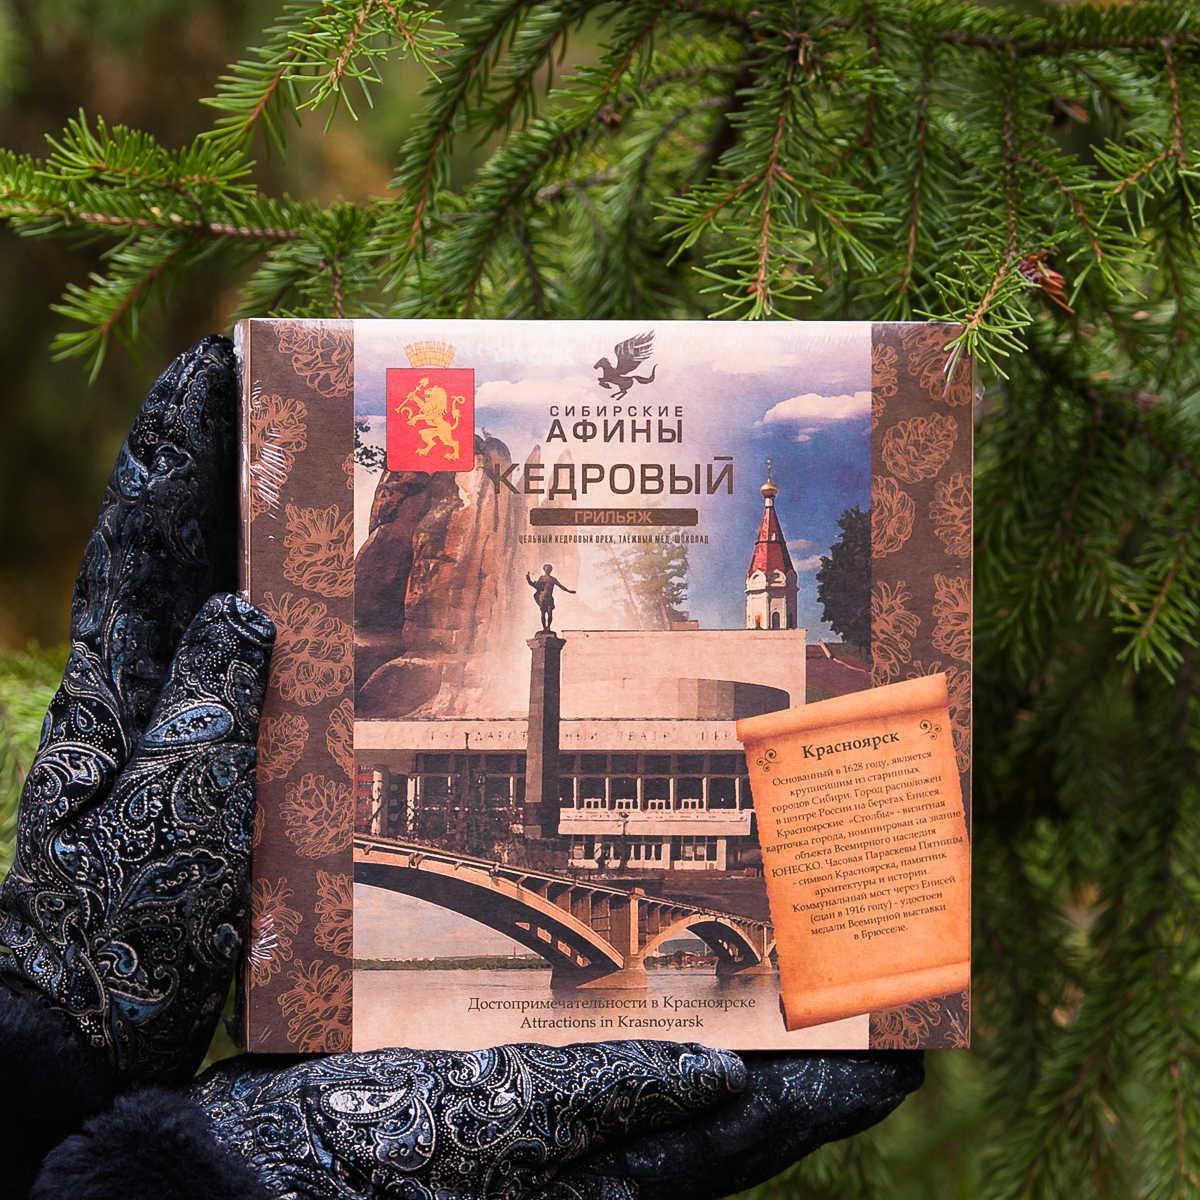 Kedrovyy grilyazh Sibirskie Afiny Dostoprimechatelnosti v Krasnoyarske - Поездка в самобытную Сибирь: что привезти из Красноярска